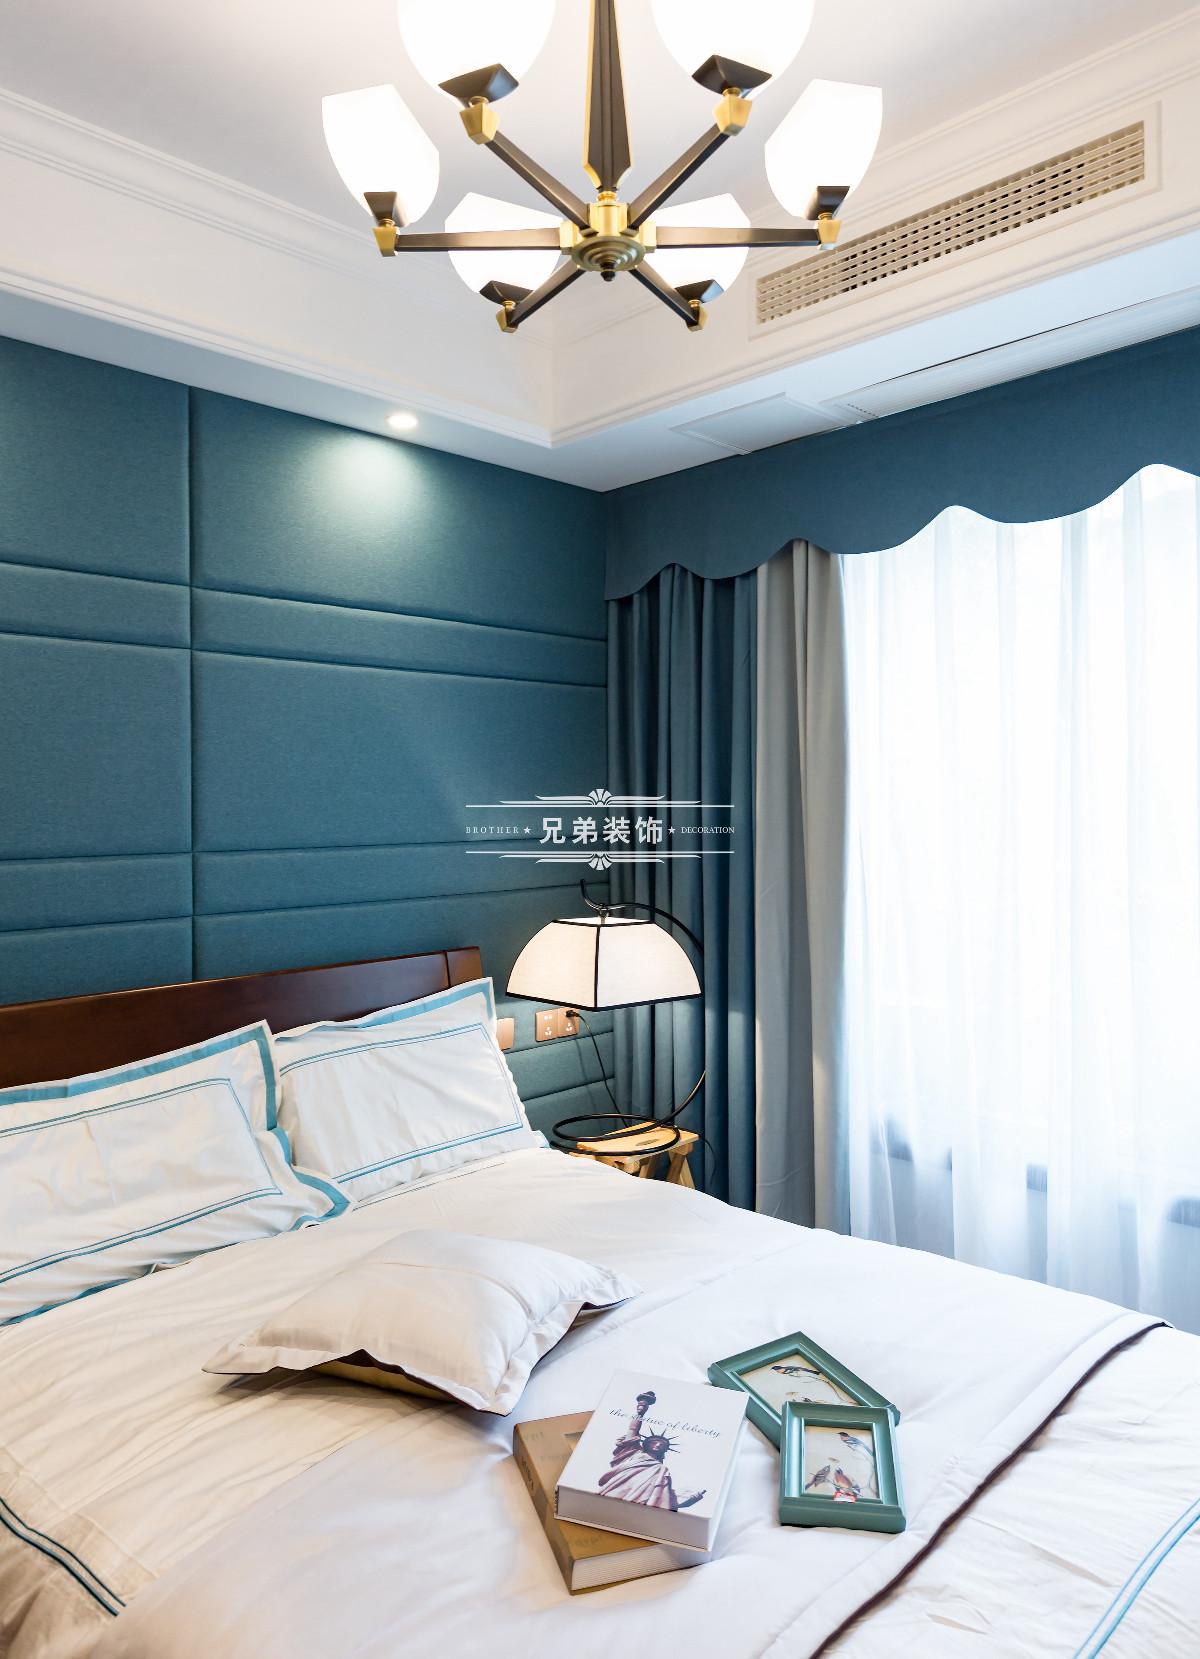 本套作品为新中式风格,作品中采用驼色为主要的基调,在整体的色系上秉承统一协调性,贯穿整体的设计思路,在形象装饰墙面打破传统的格局,采用中式的案台和博台架的形式,让家更加的活跃生动